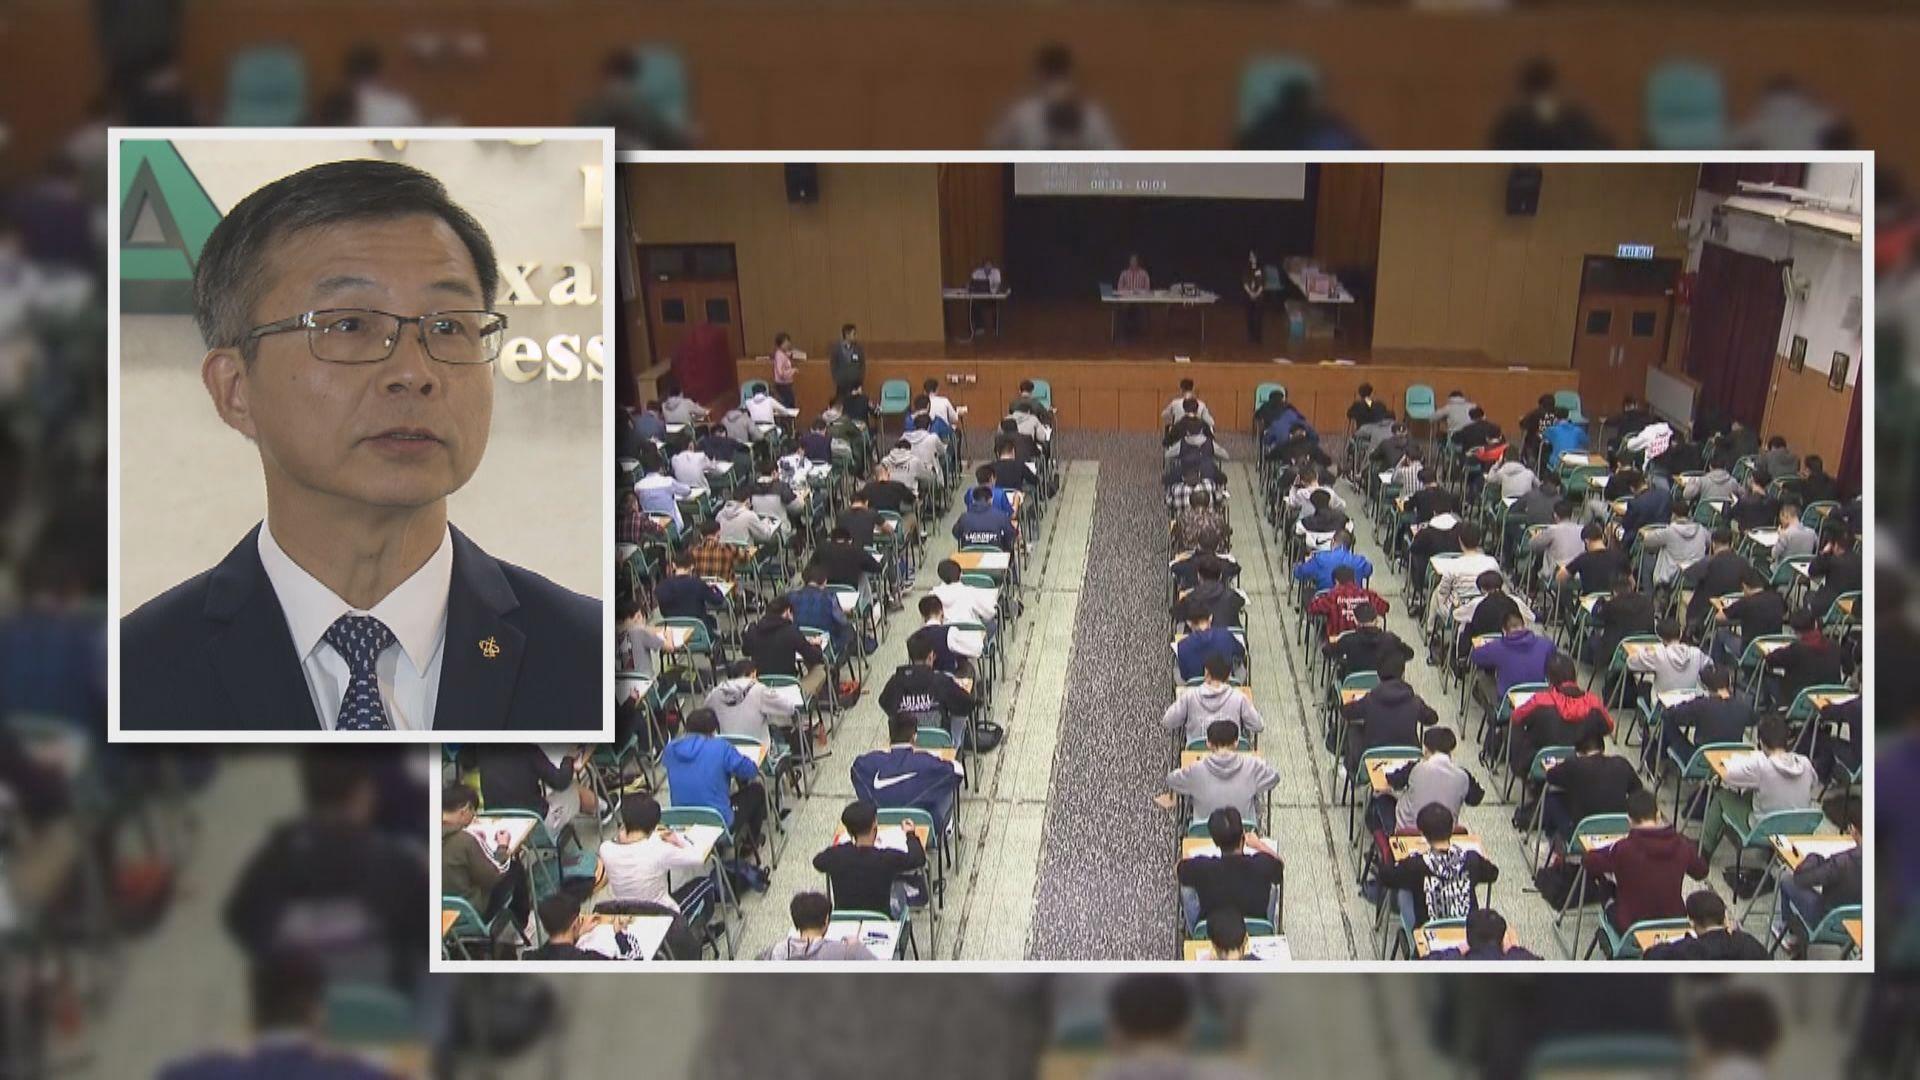 考評局秘書長:文憑試考生如身體不適勿勉強應考